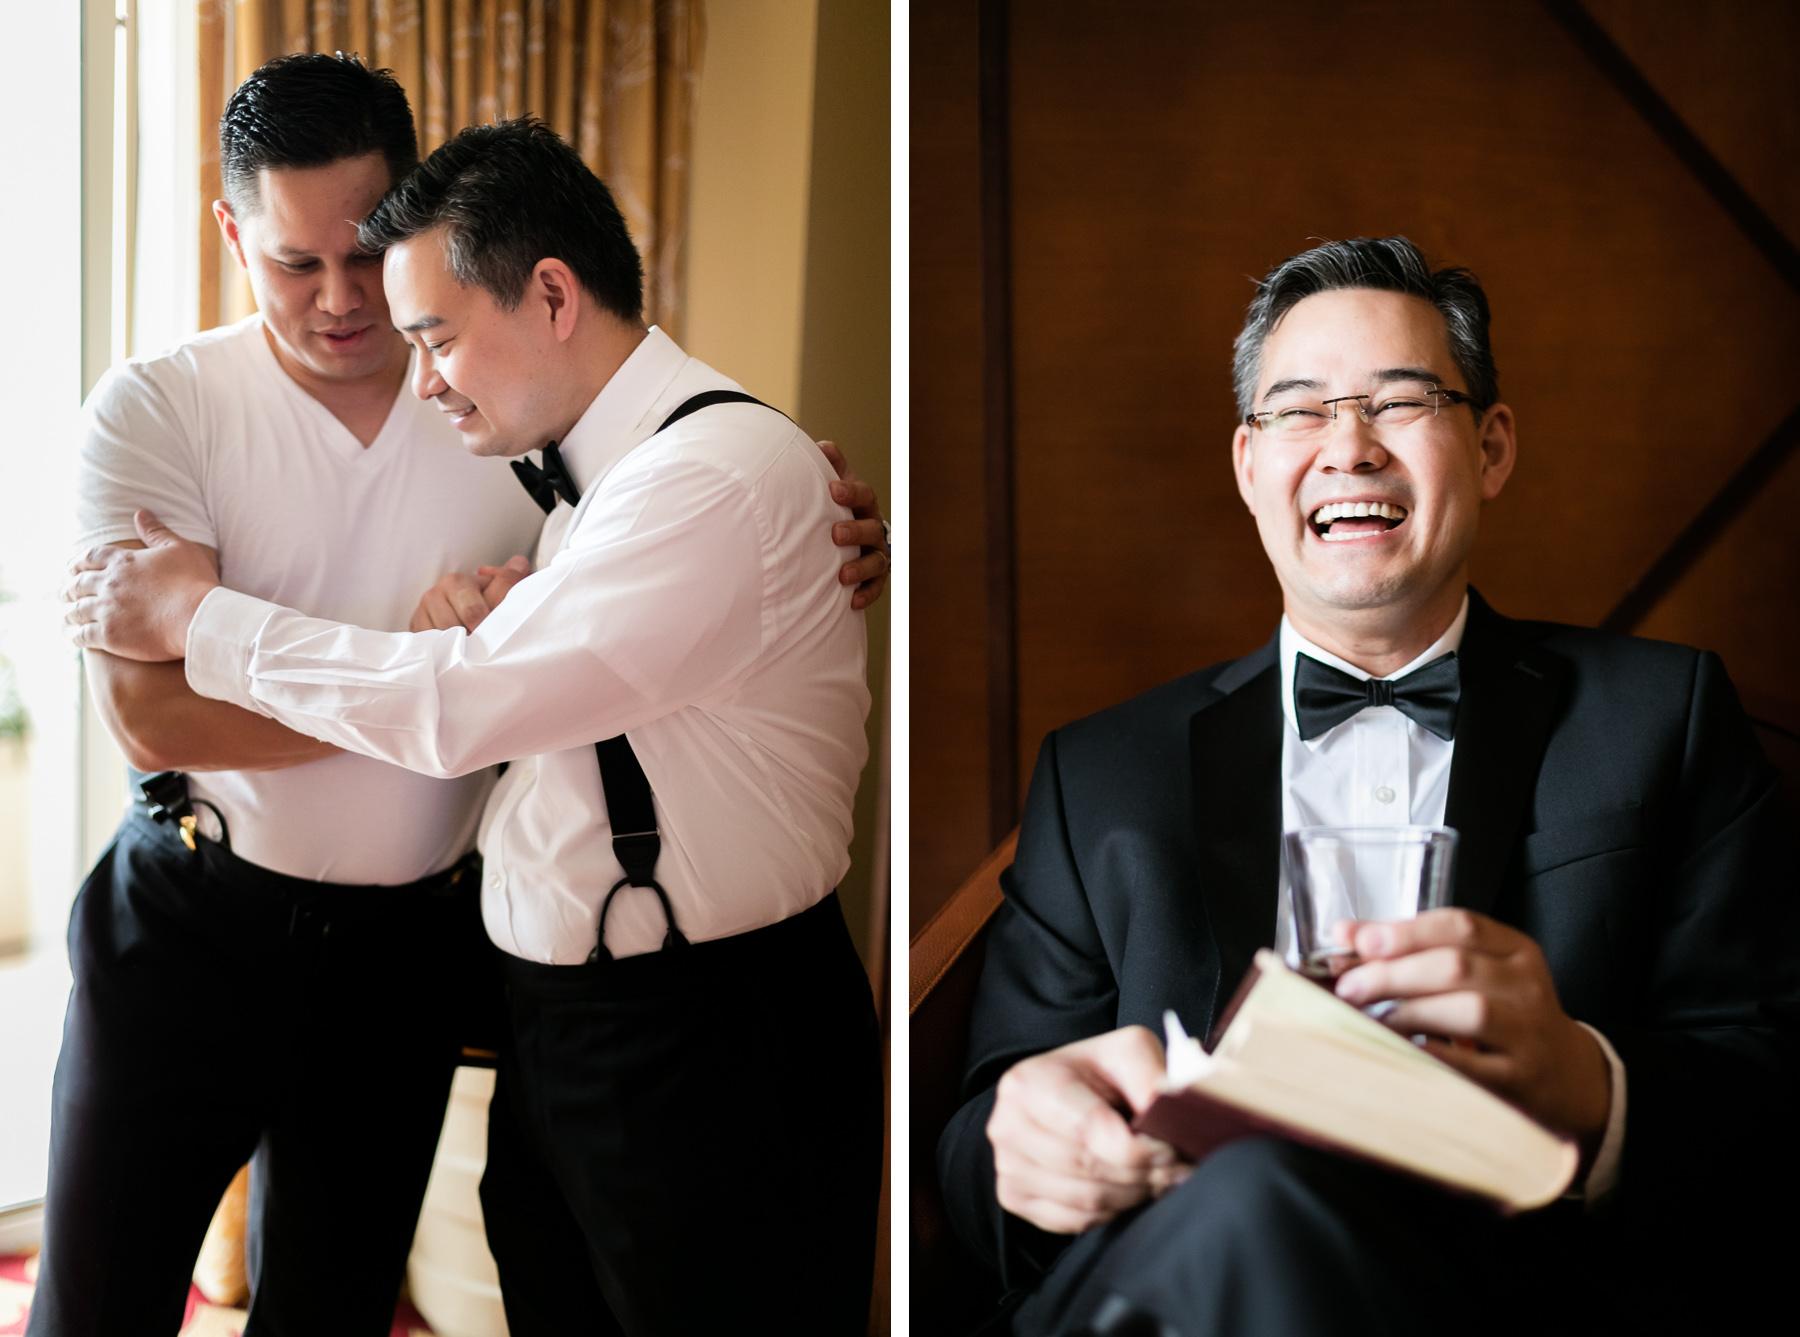 jw-marriott-wedding-hotel.jpg